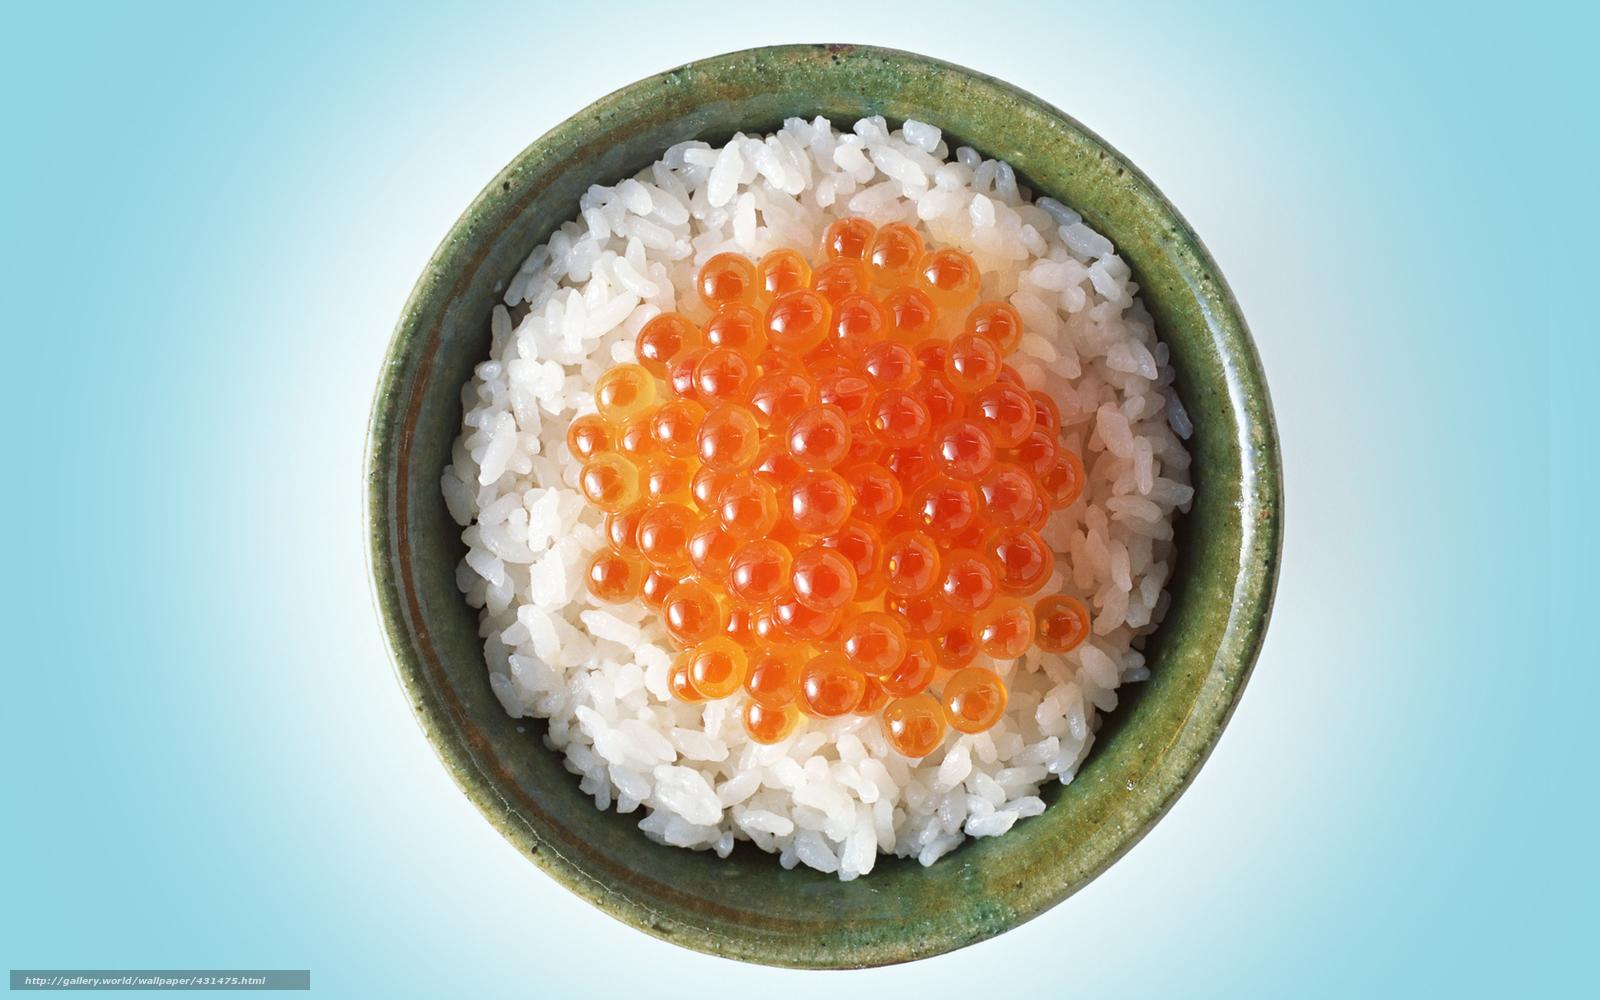 Download hintergrund tasse reis rot reh freie desktop tapeten in der auflosung 1680x1050 - Reis kochen tasse ...